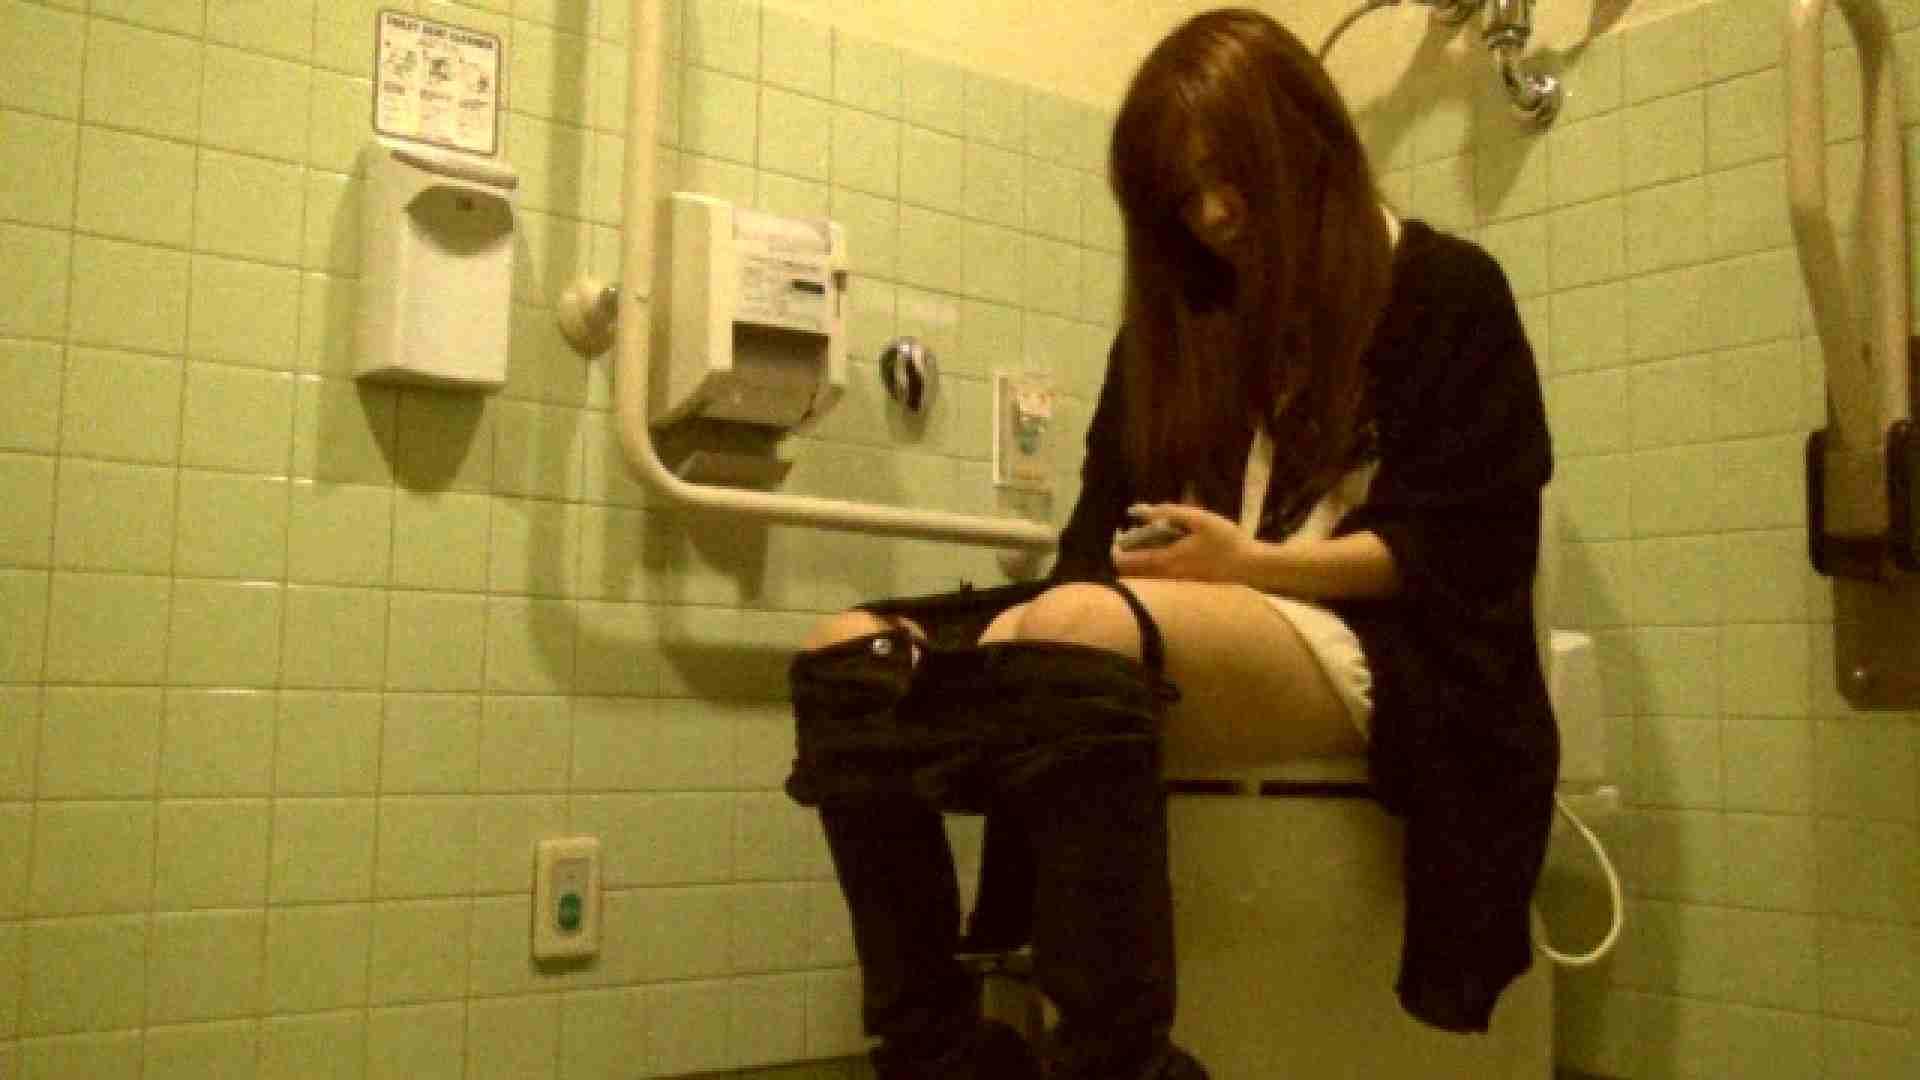 魔術師の お・も・て・な・し vol.26 19歳のバーの店員さんの洗面所をしばし… 洗面所 隠し撮りおまんこ動画流出 90pic 80